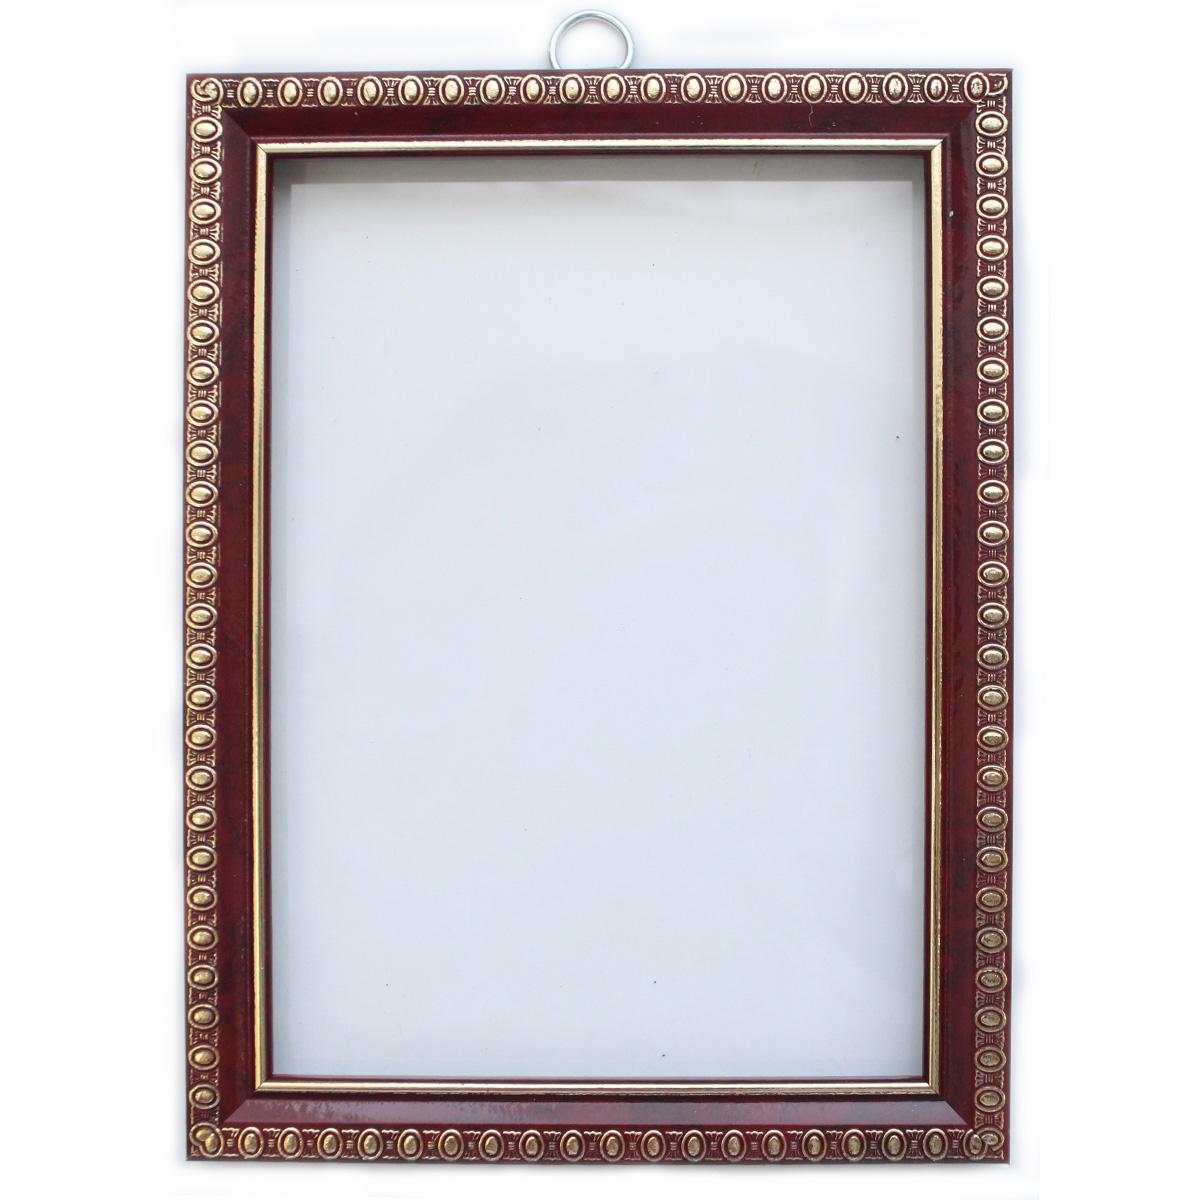 Рама без стекла с прозрачным дном, цвет: вишня, 13х18 см. RAM111007498370Рамы предназначены для оформления картин, фотографий. Обрамленные такой рамкой работы, сразу же преображаются и приобретают завершенный вид.